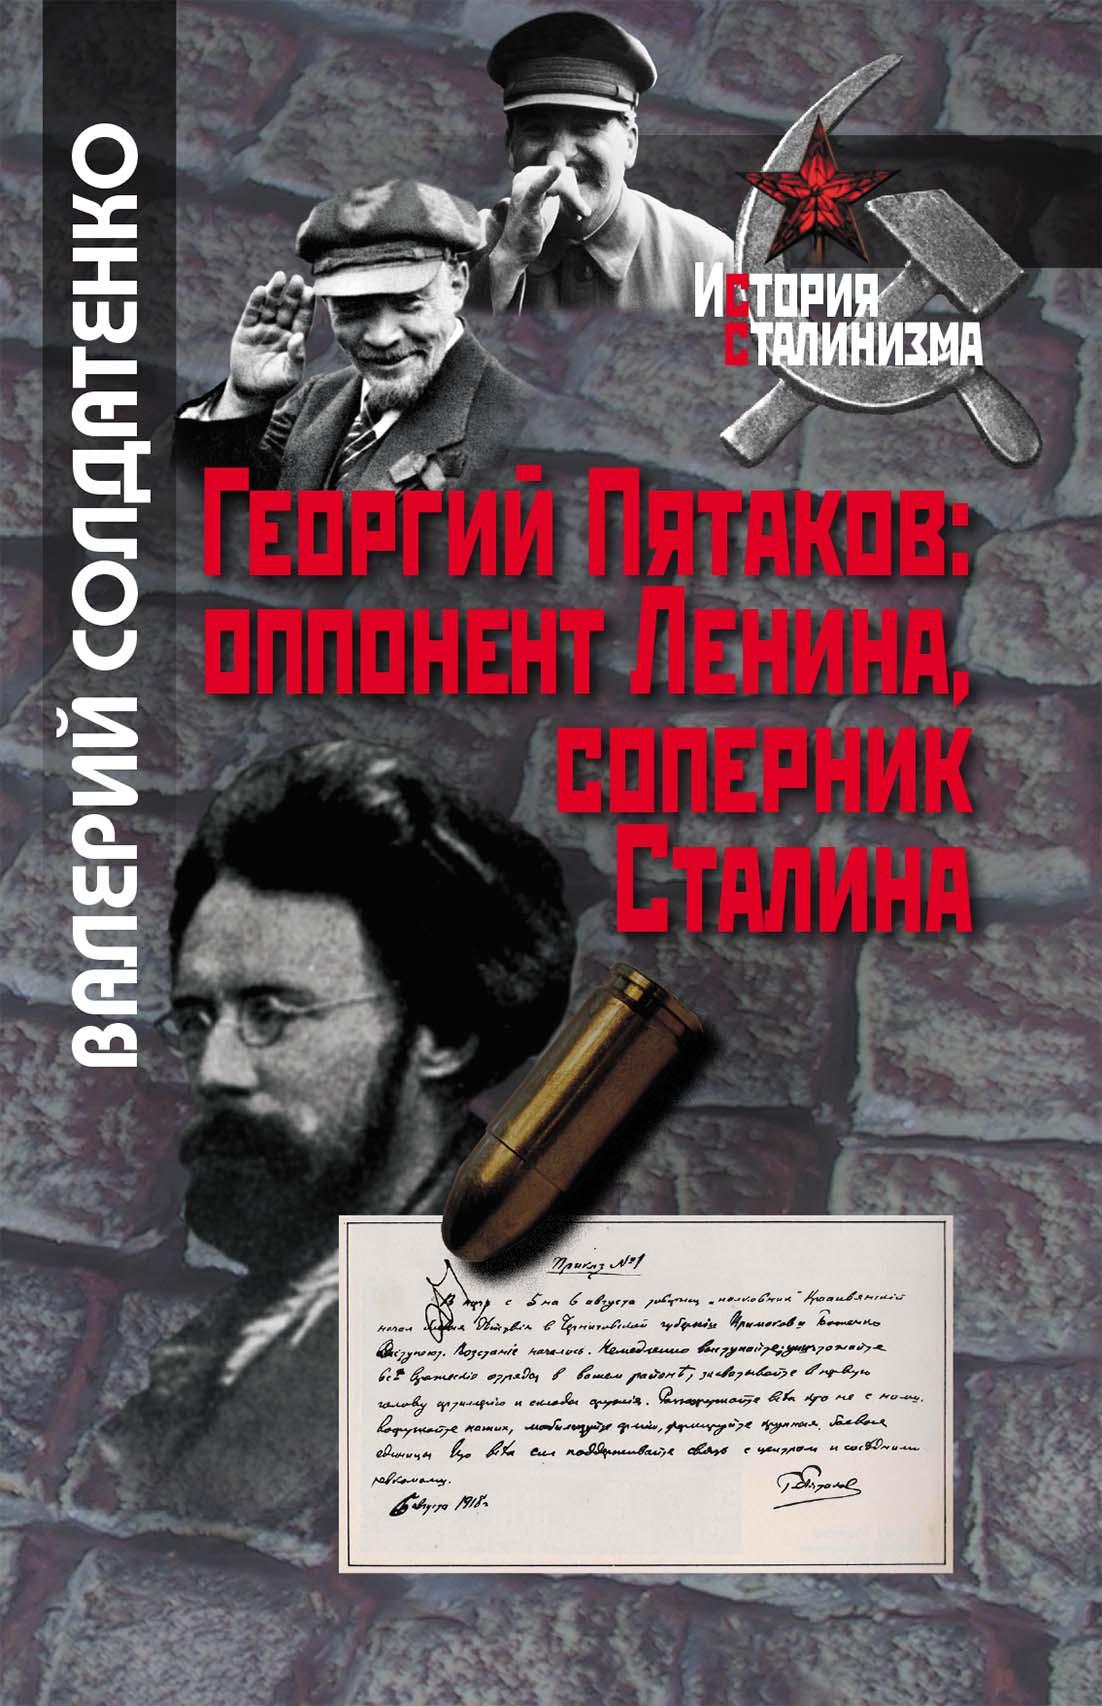 Солдатенко Валерий Георгий Пятаков:оппонент Ленина, соперник Сталина